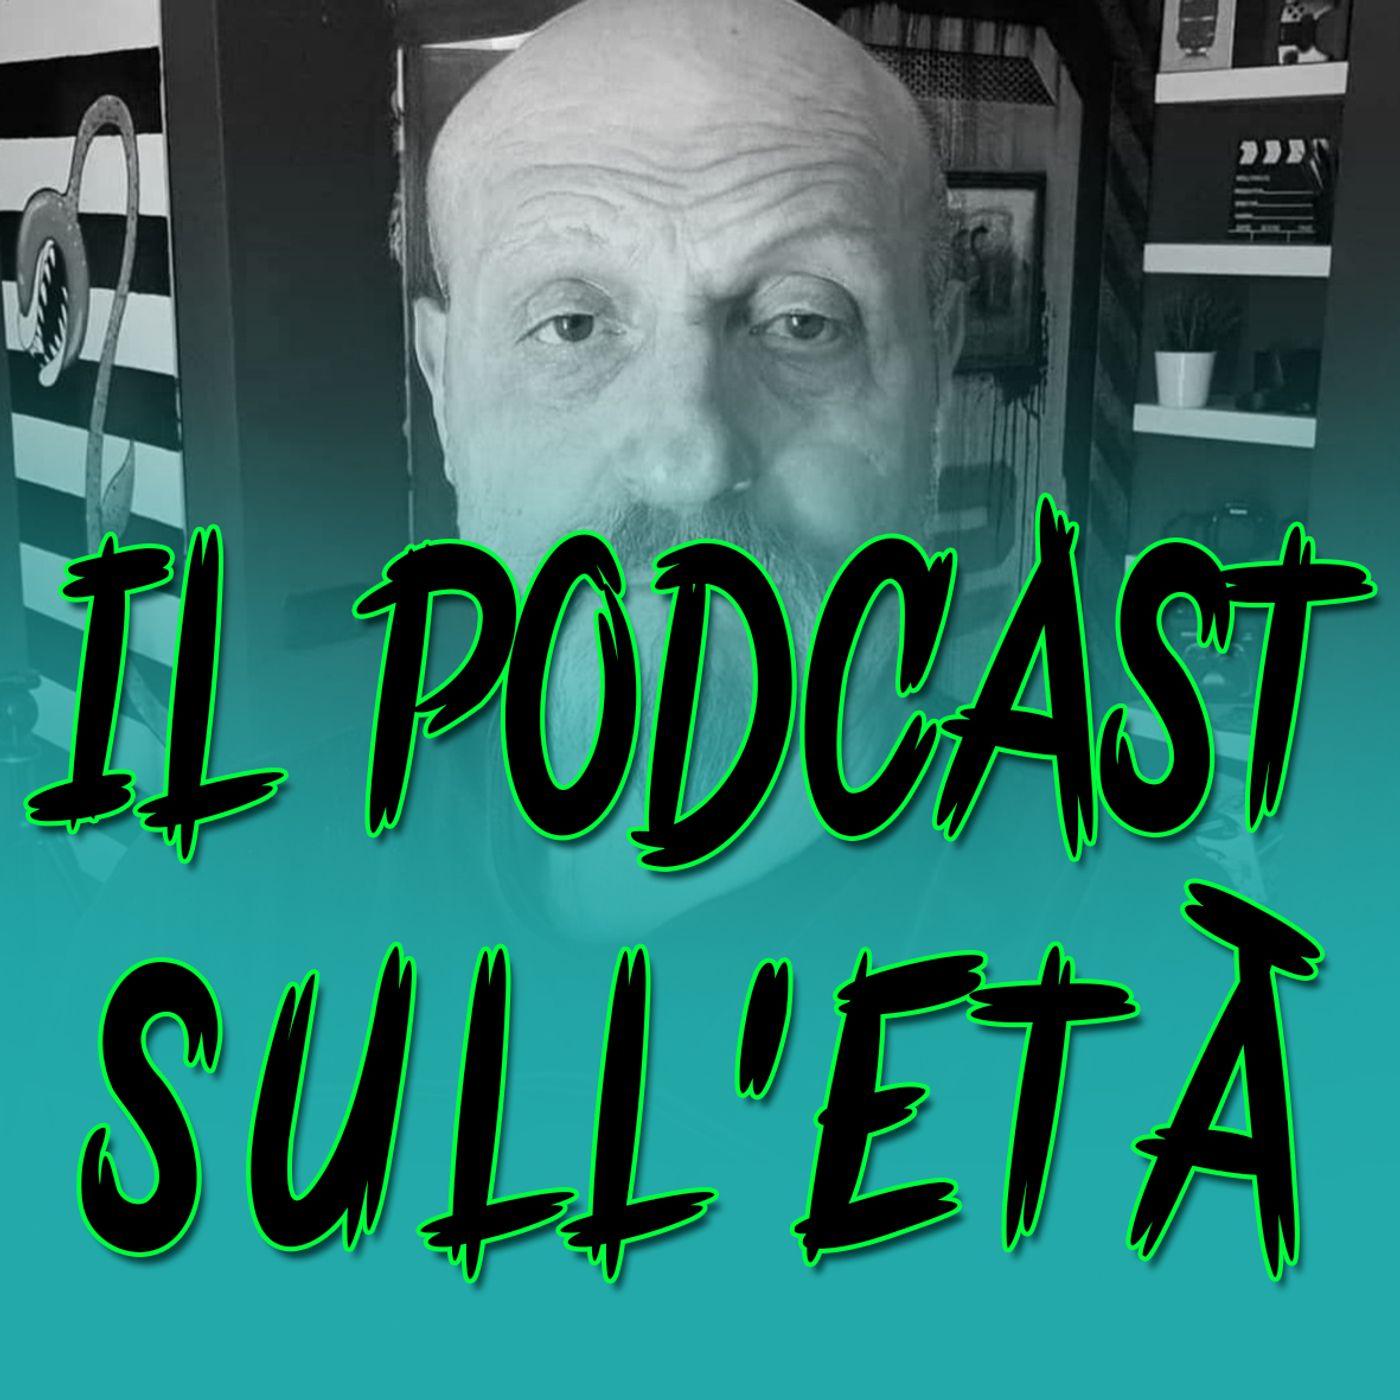 Il podcast impegnato sull'ETÀ